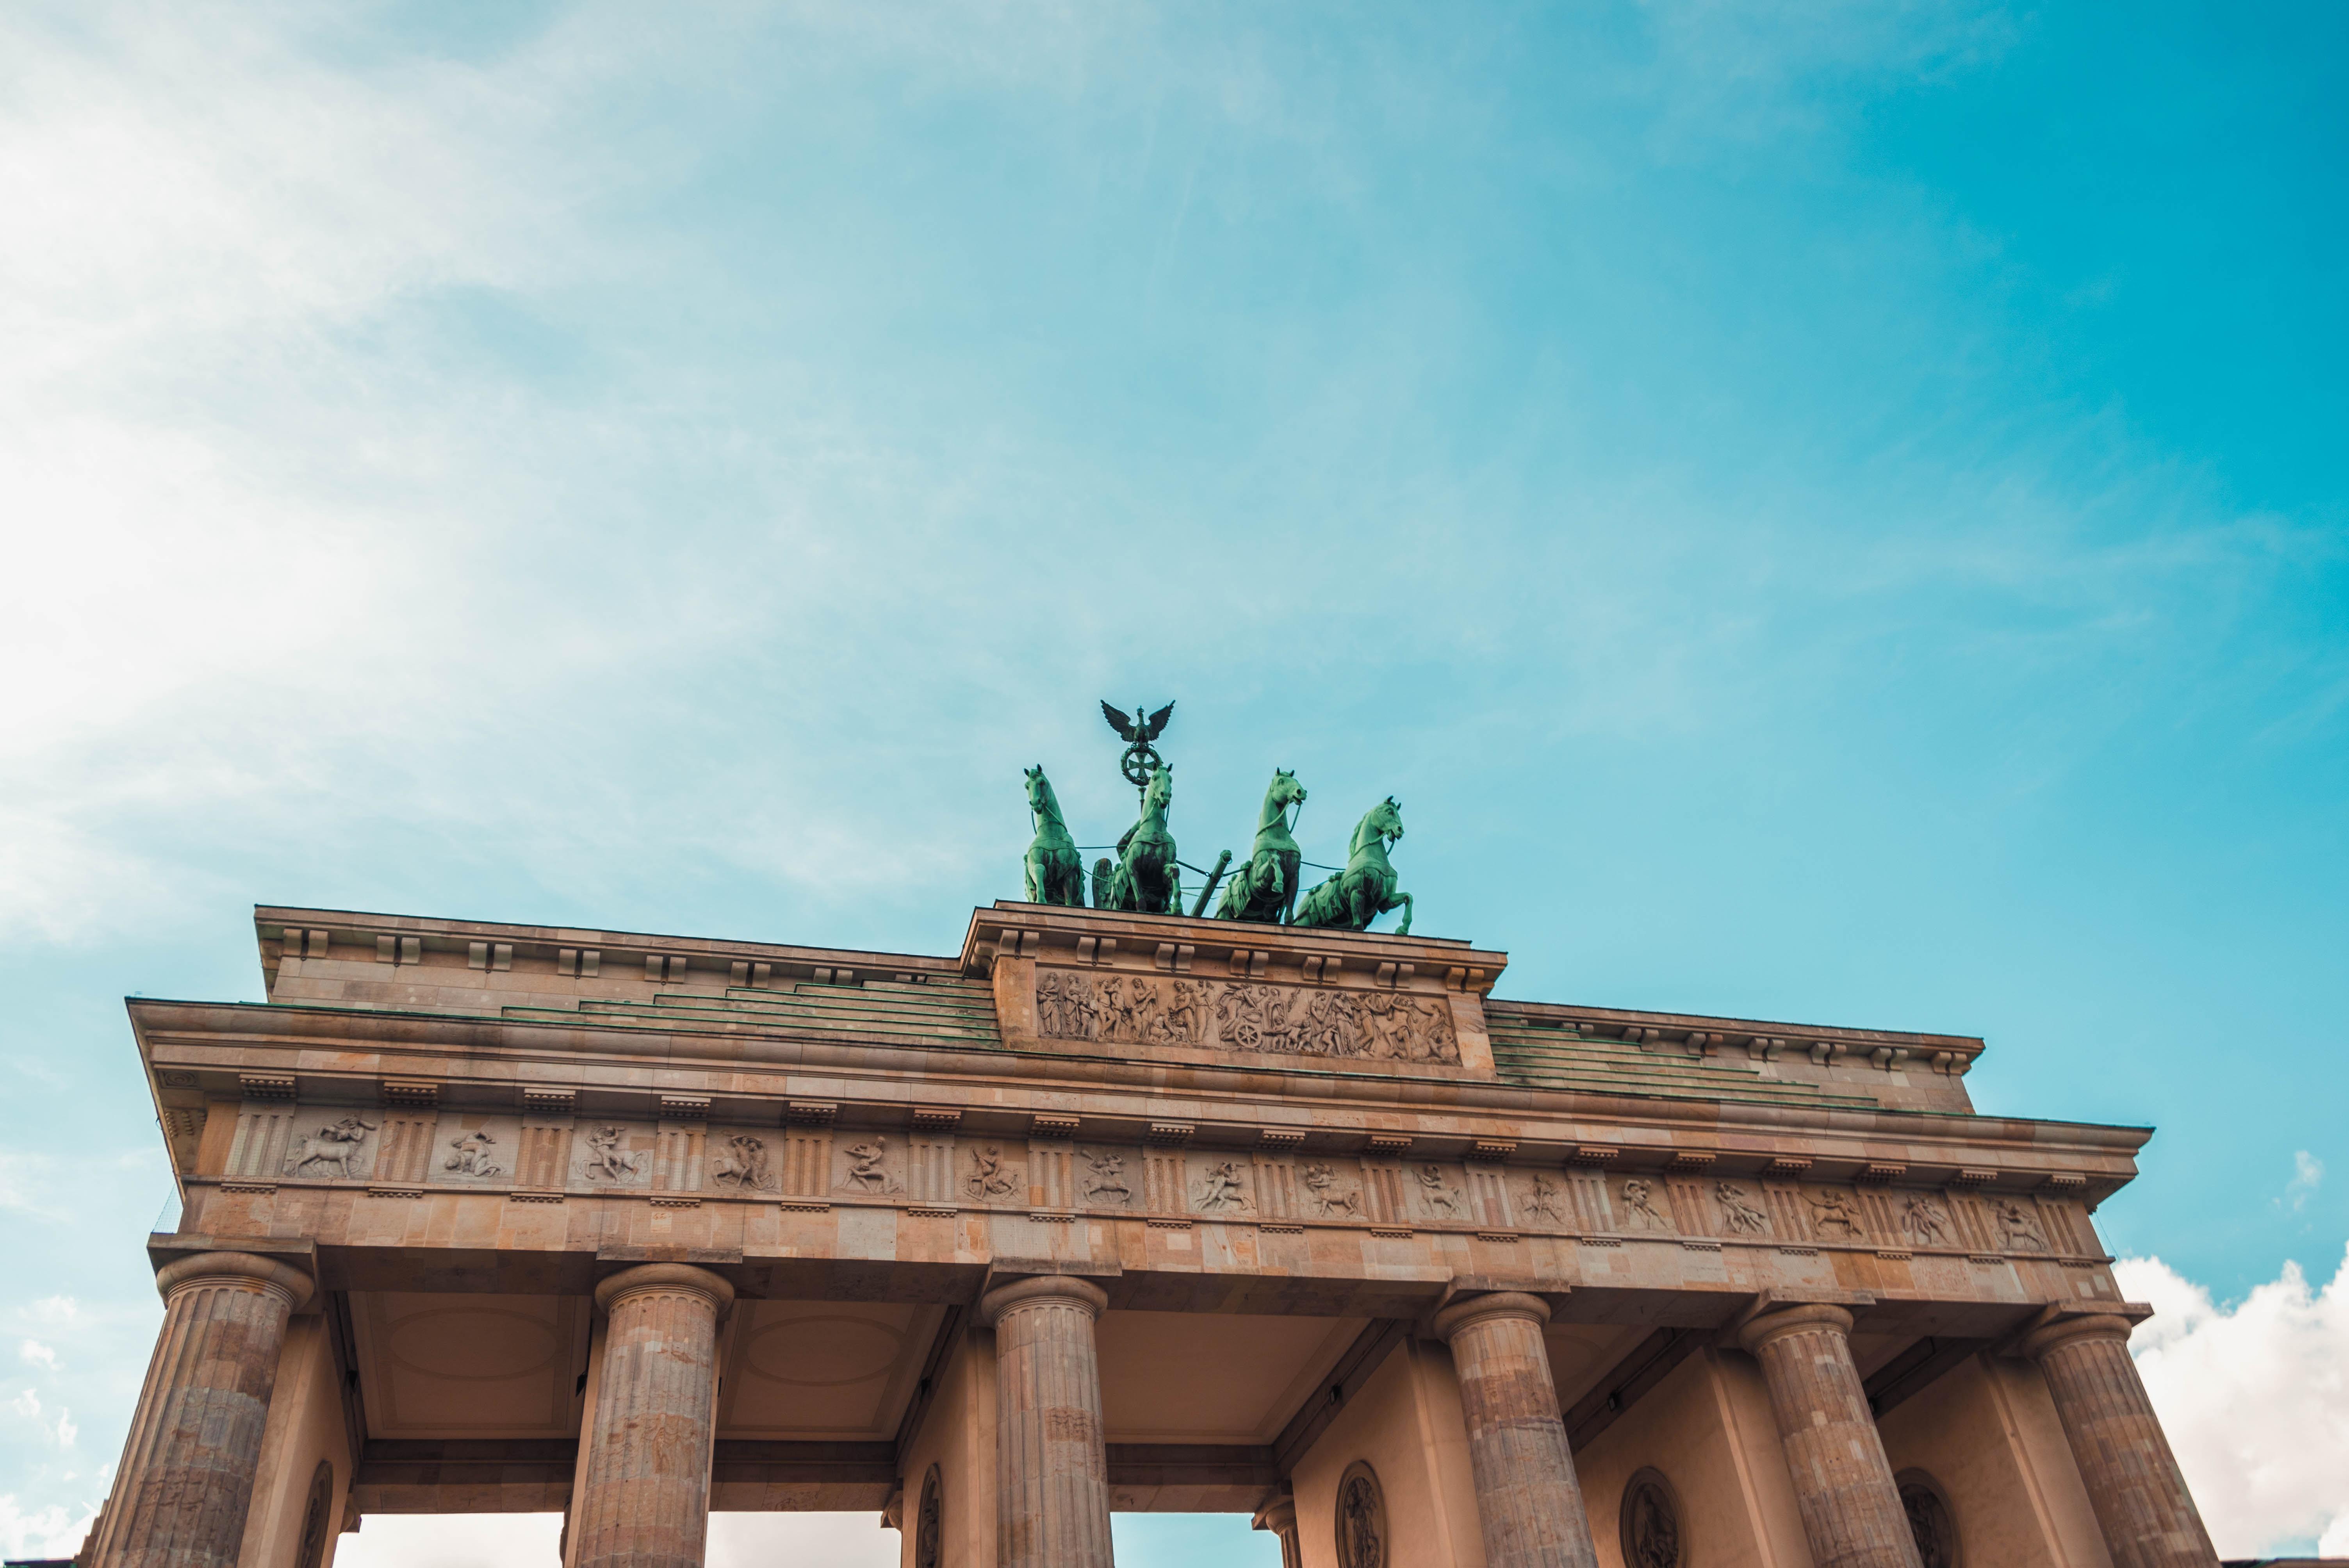 Brandenburg Gate, Germany